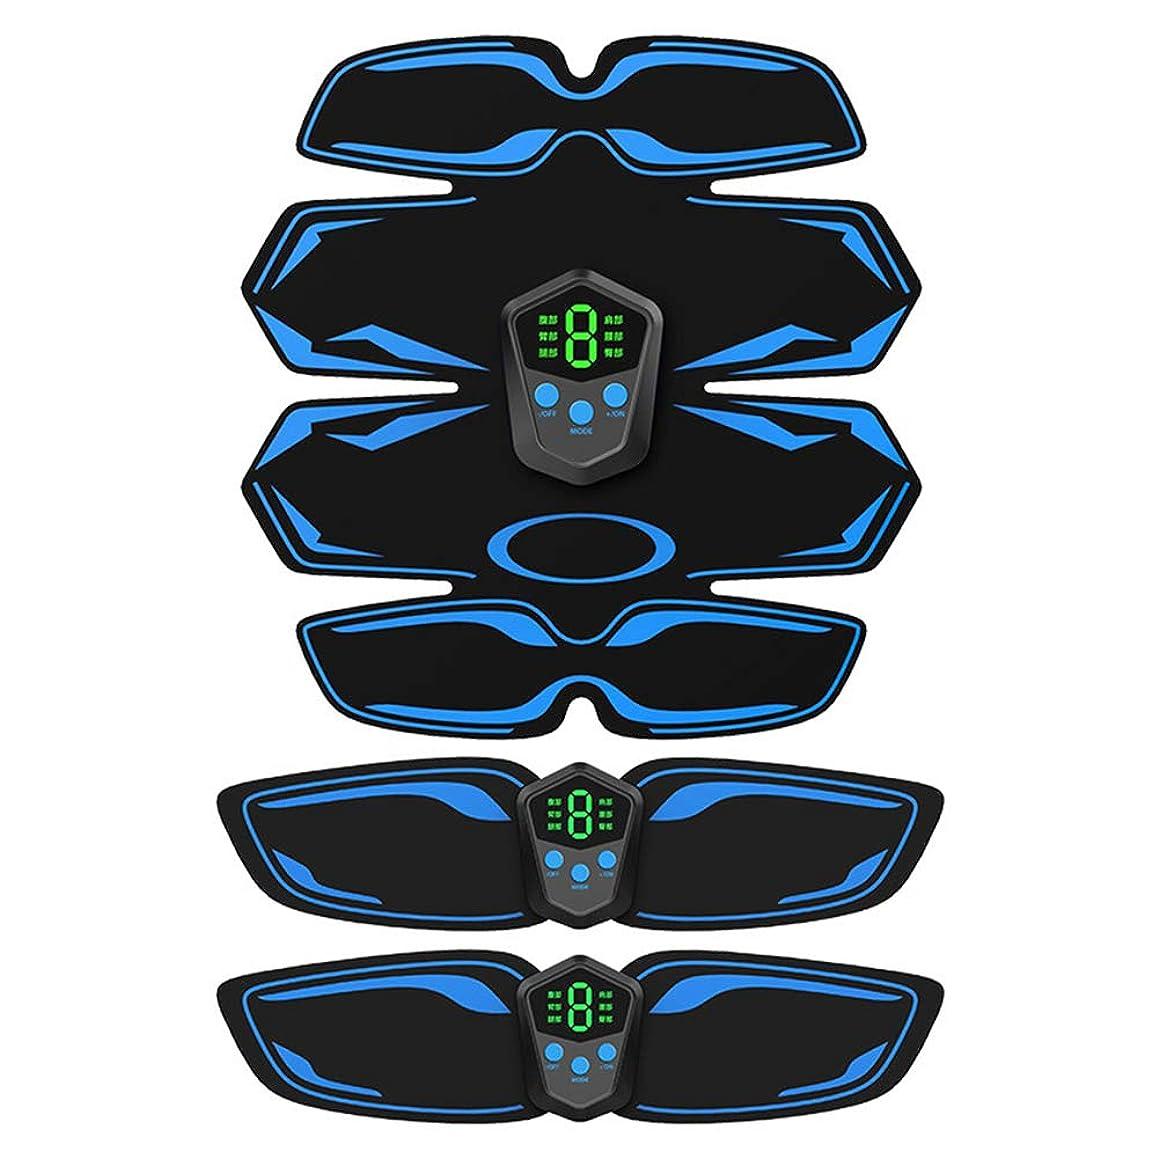 異議一回コインランドリー充電フィットネス機器腹部マッサージ刺激スマートフィットネス電気減量ステッカー体重減少ベルト